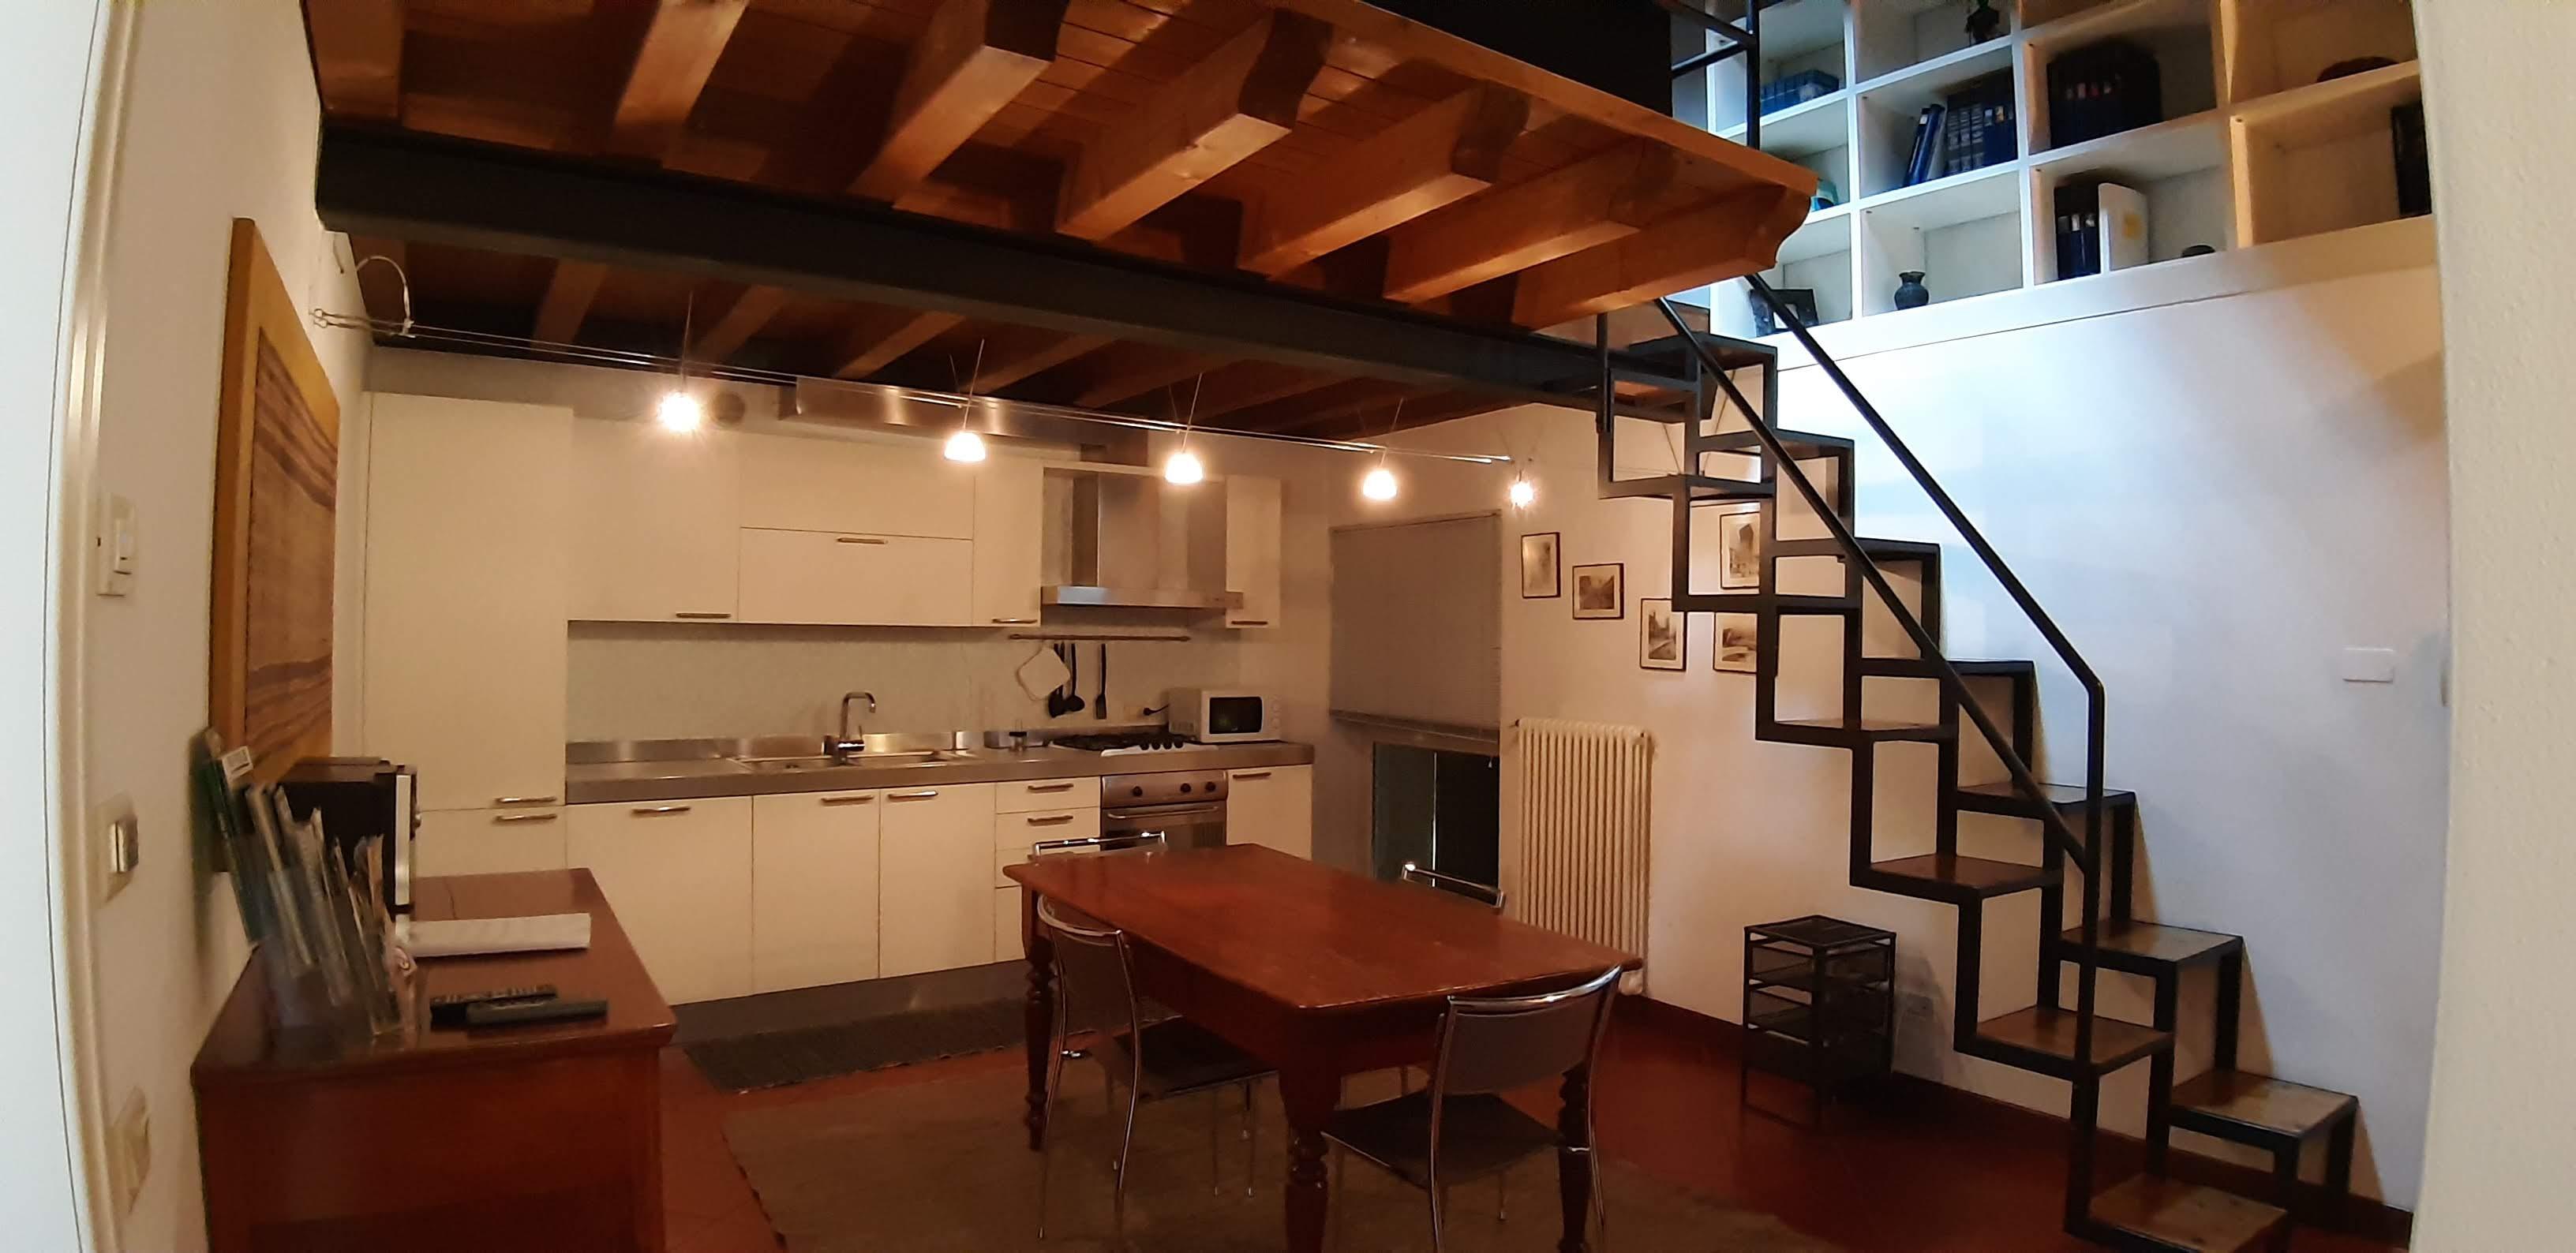 kitchen apartment Michelangelo